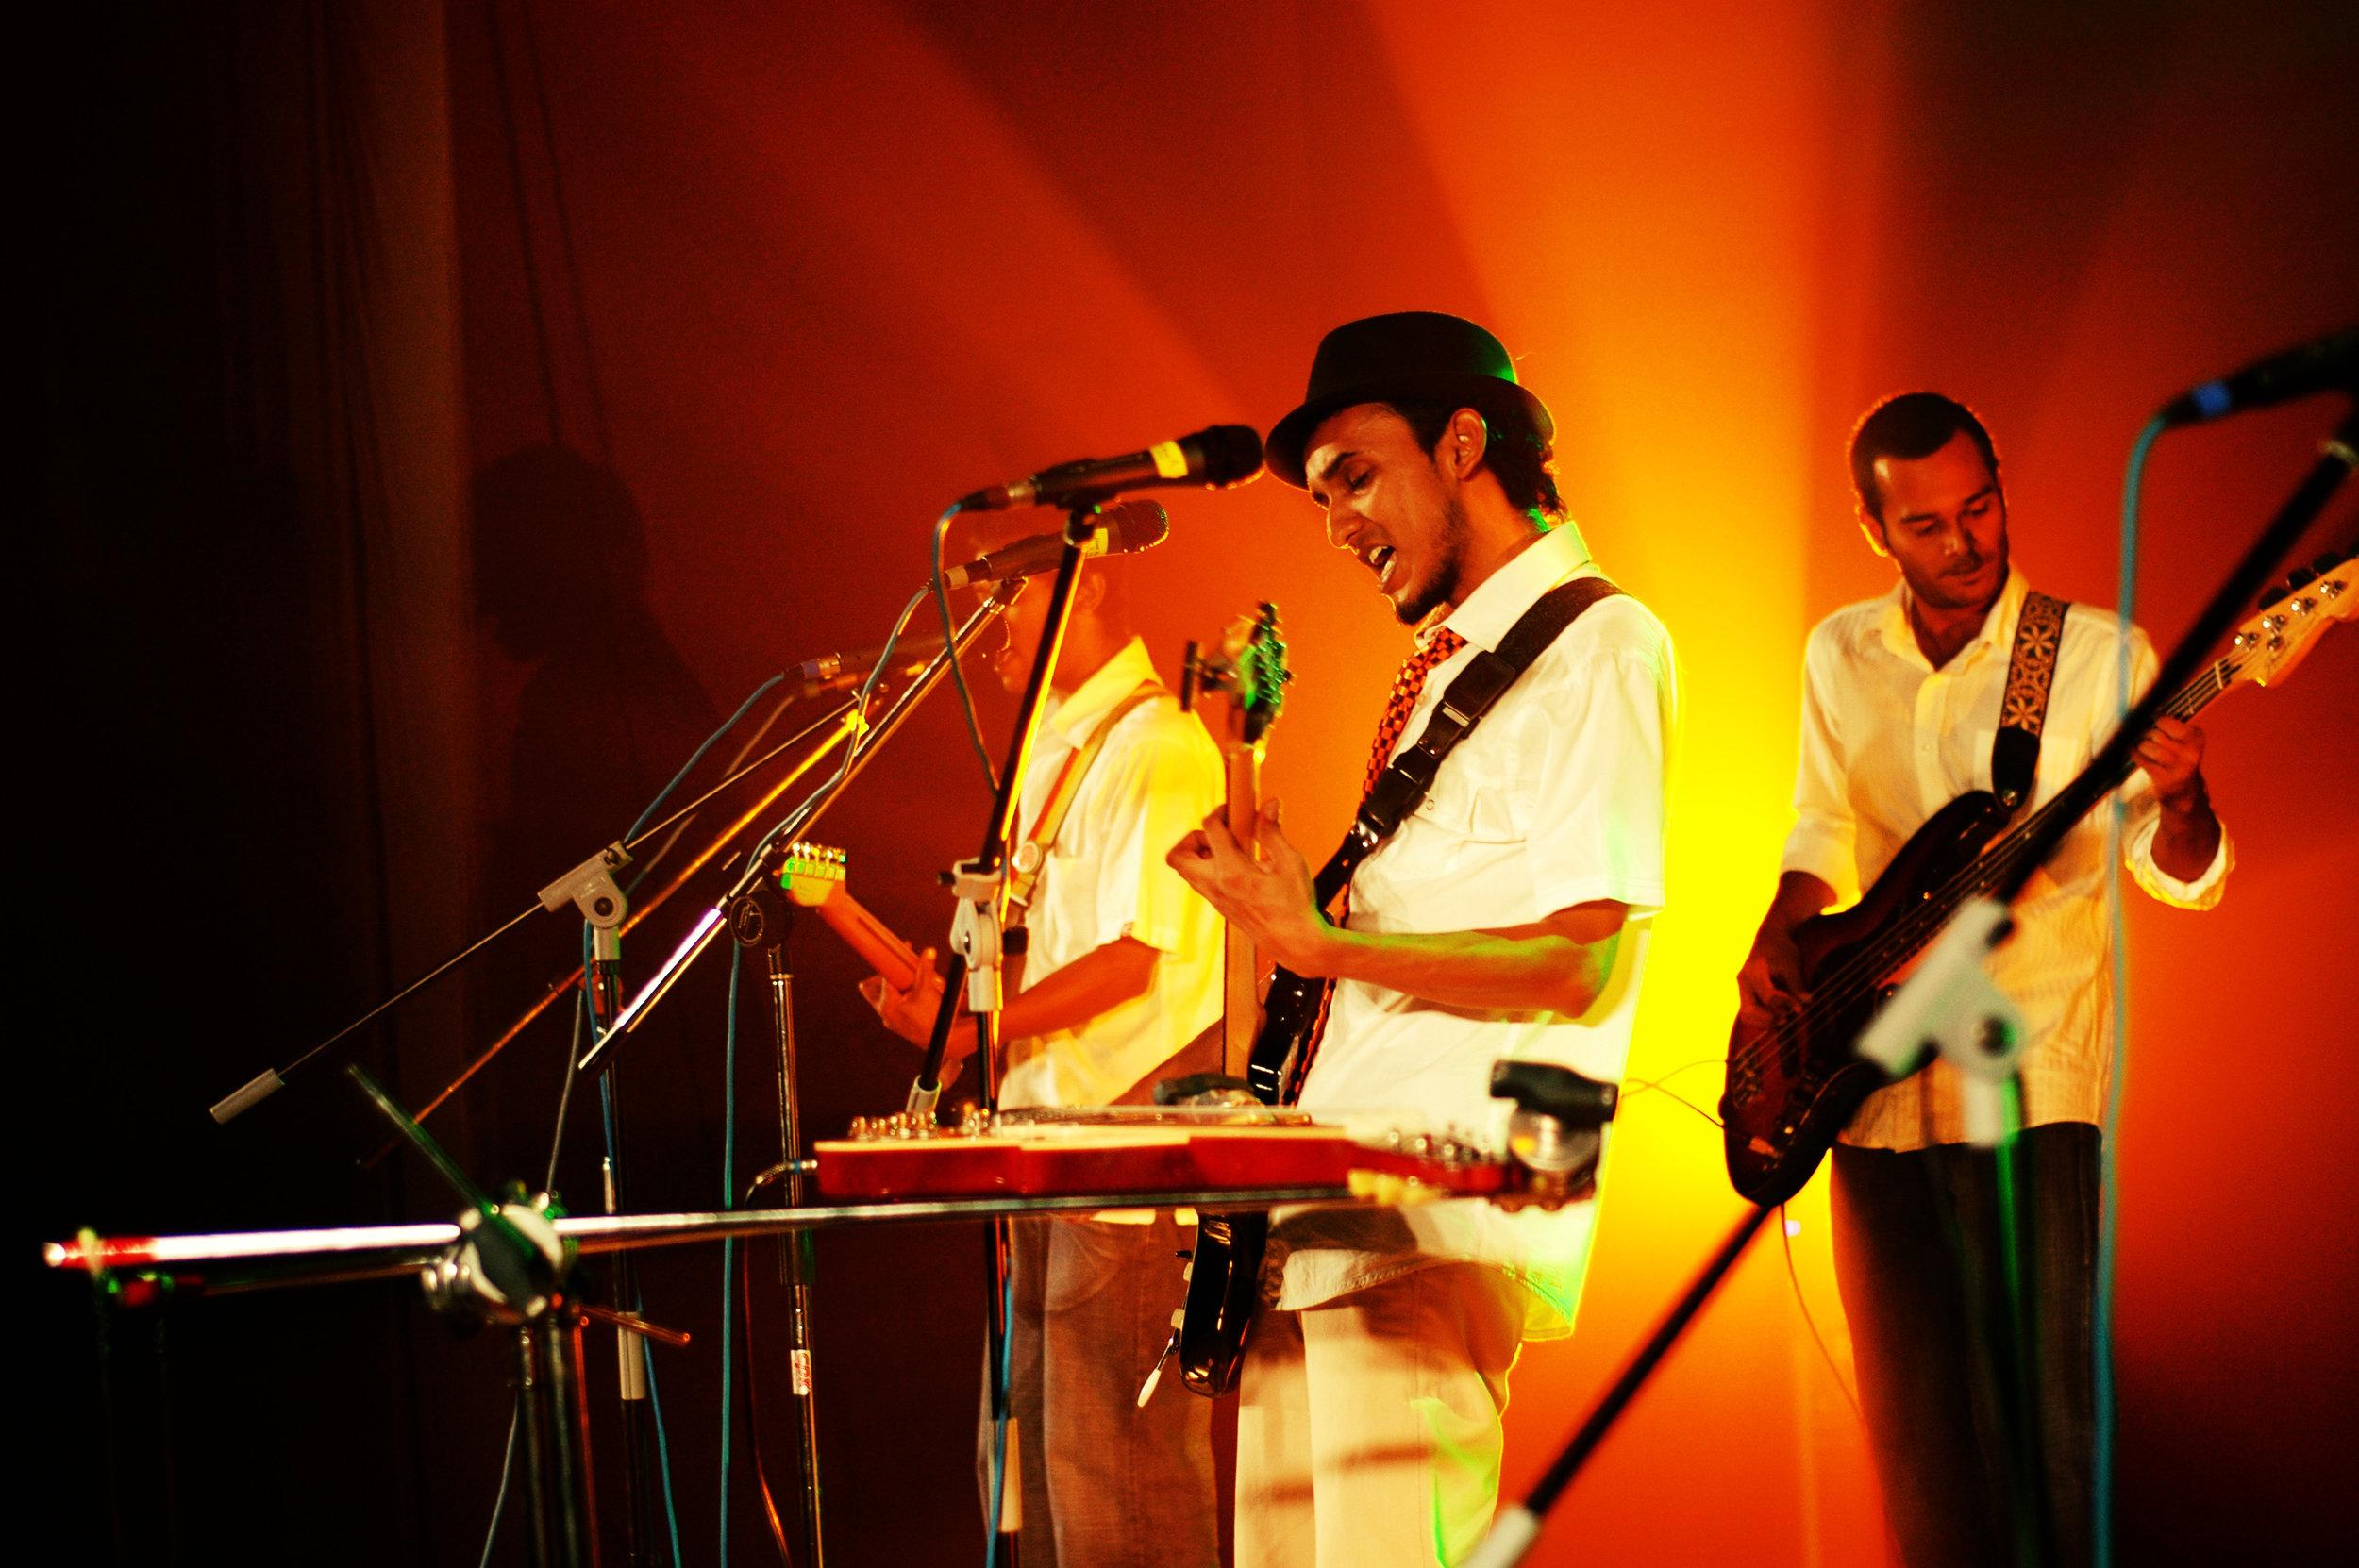 2009-08-19 - Male' City - Dharubaaruge' - Eku Ekee Album Launch - D70s-7929.jpg